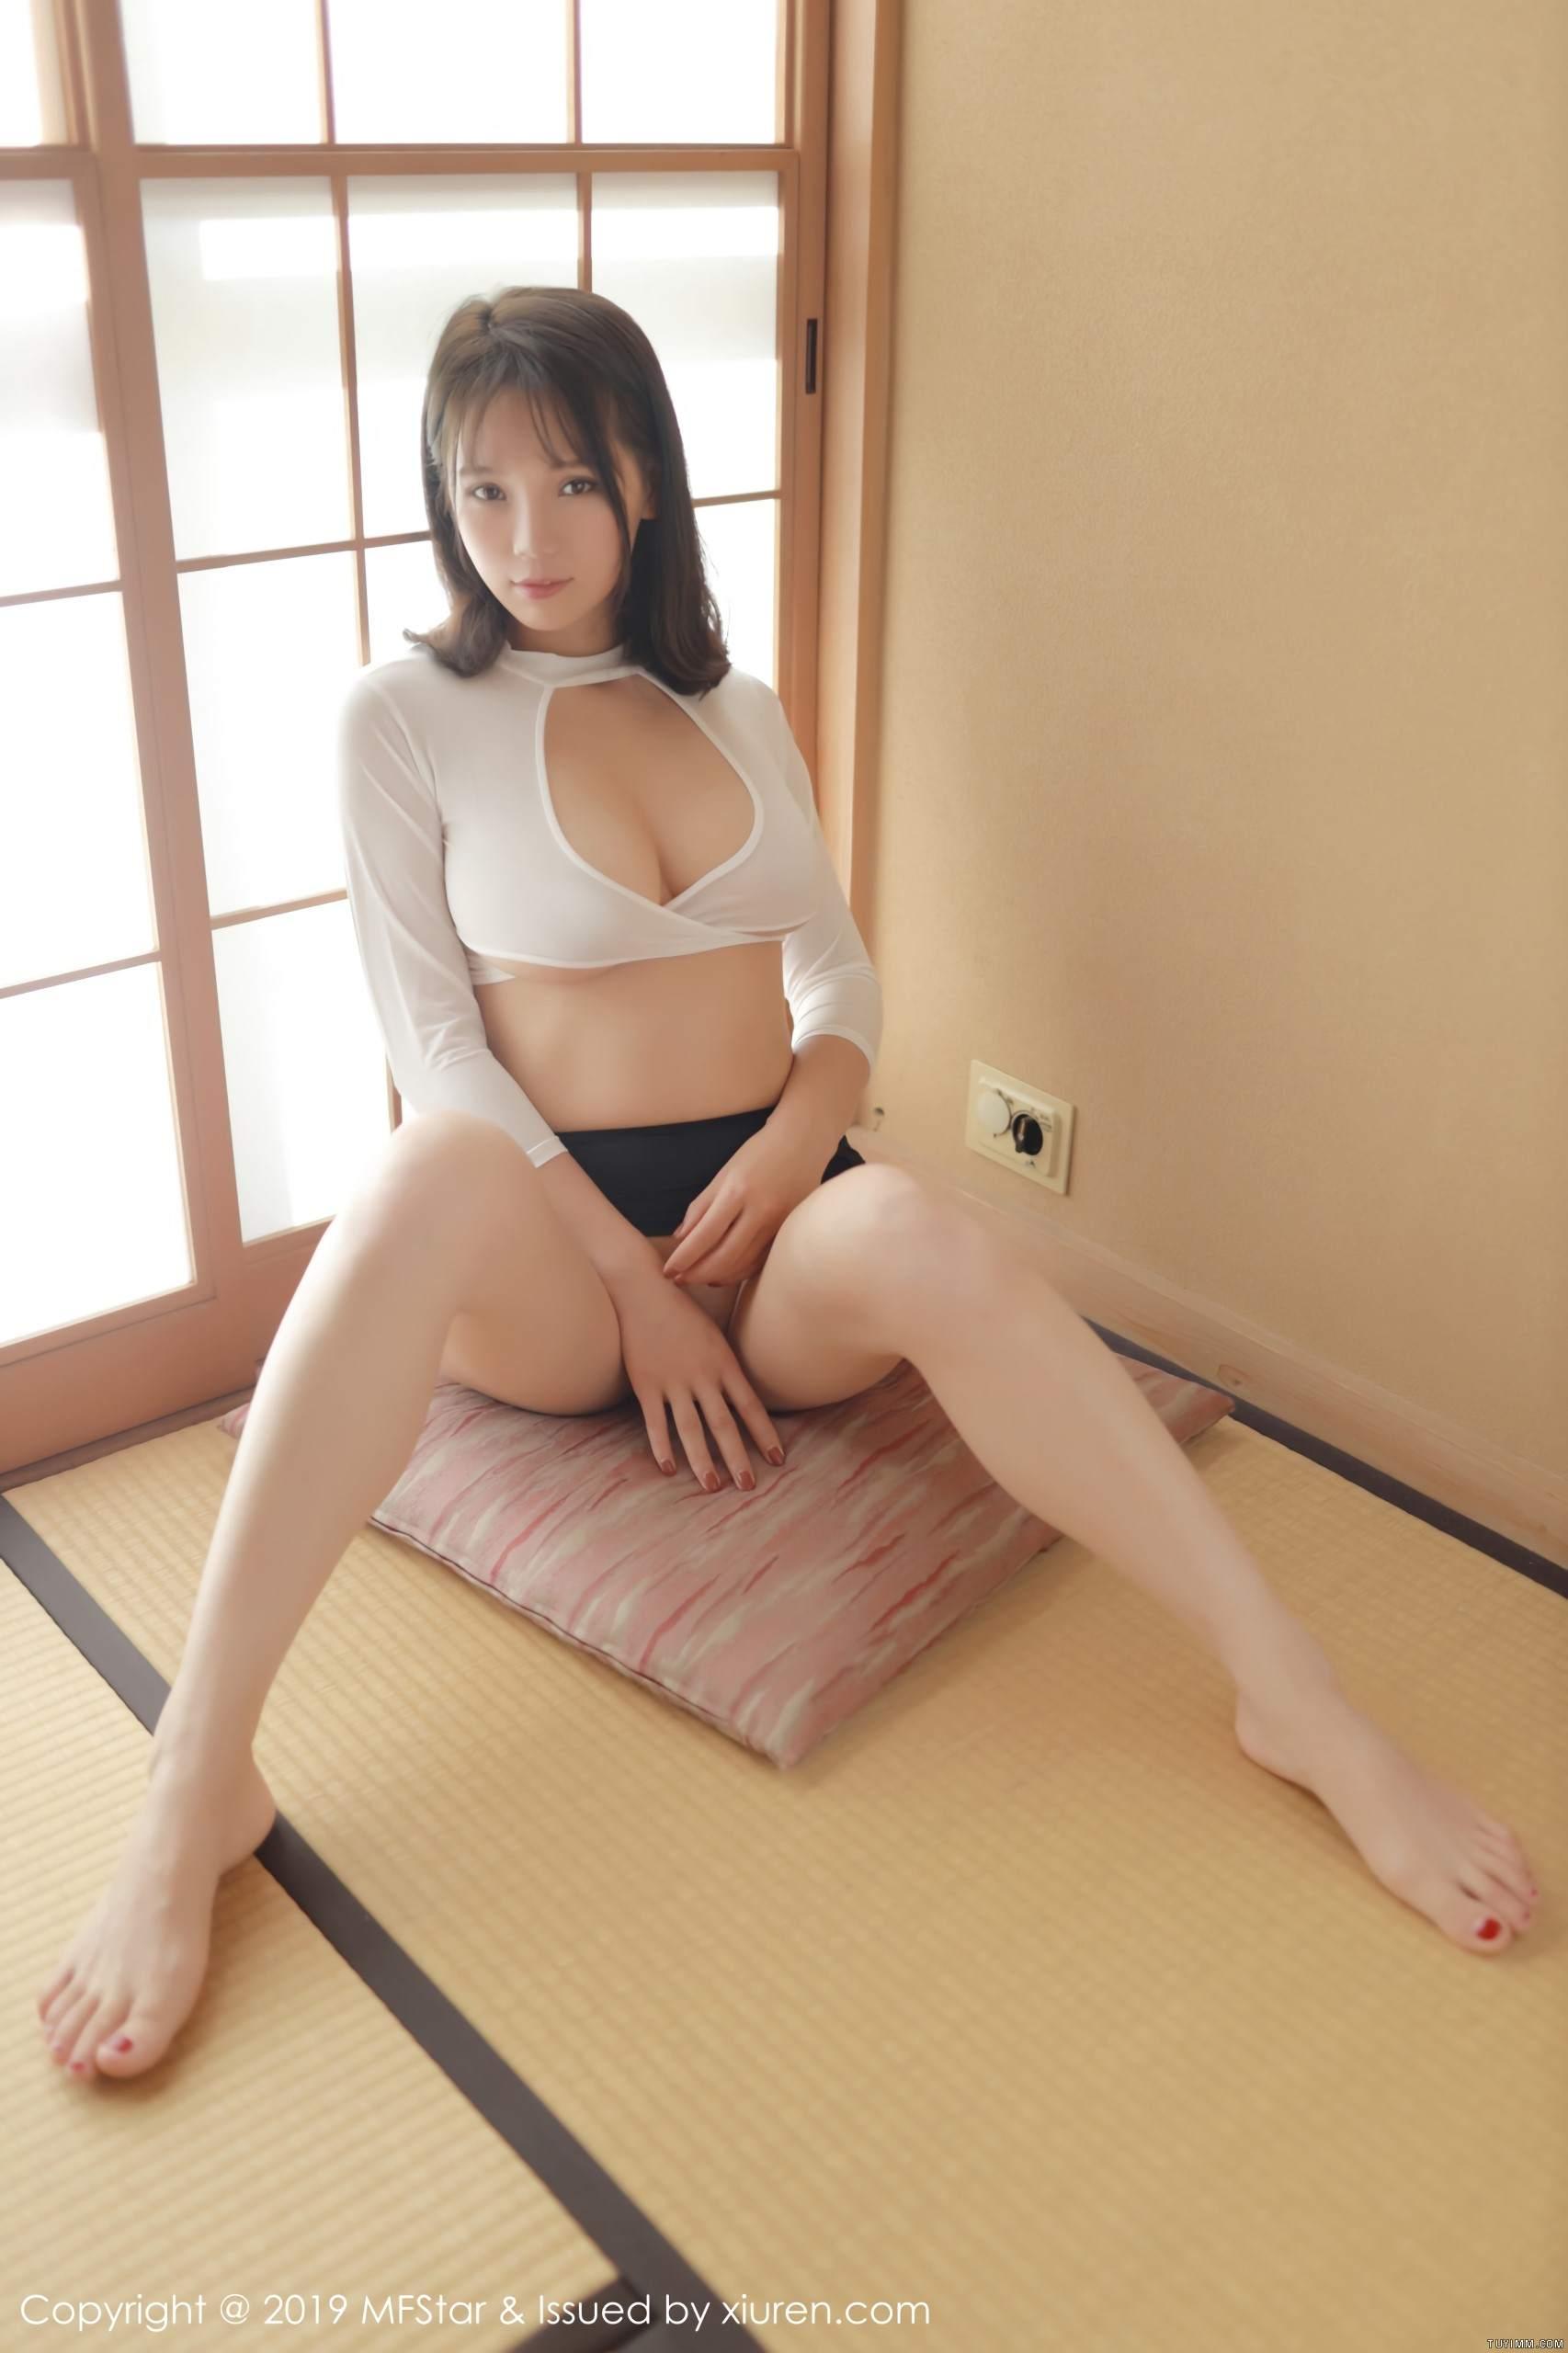 [福利]风骚模特黑丝美腿床上无遮挡人体艺术写真-第47张图片-哔哔娱乐网